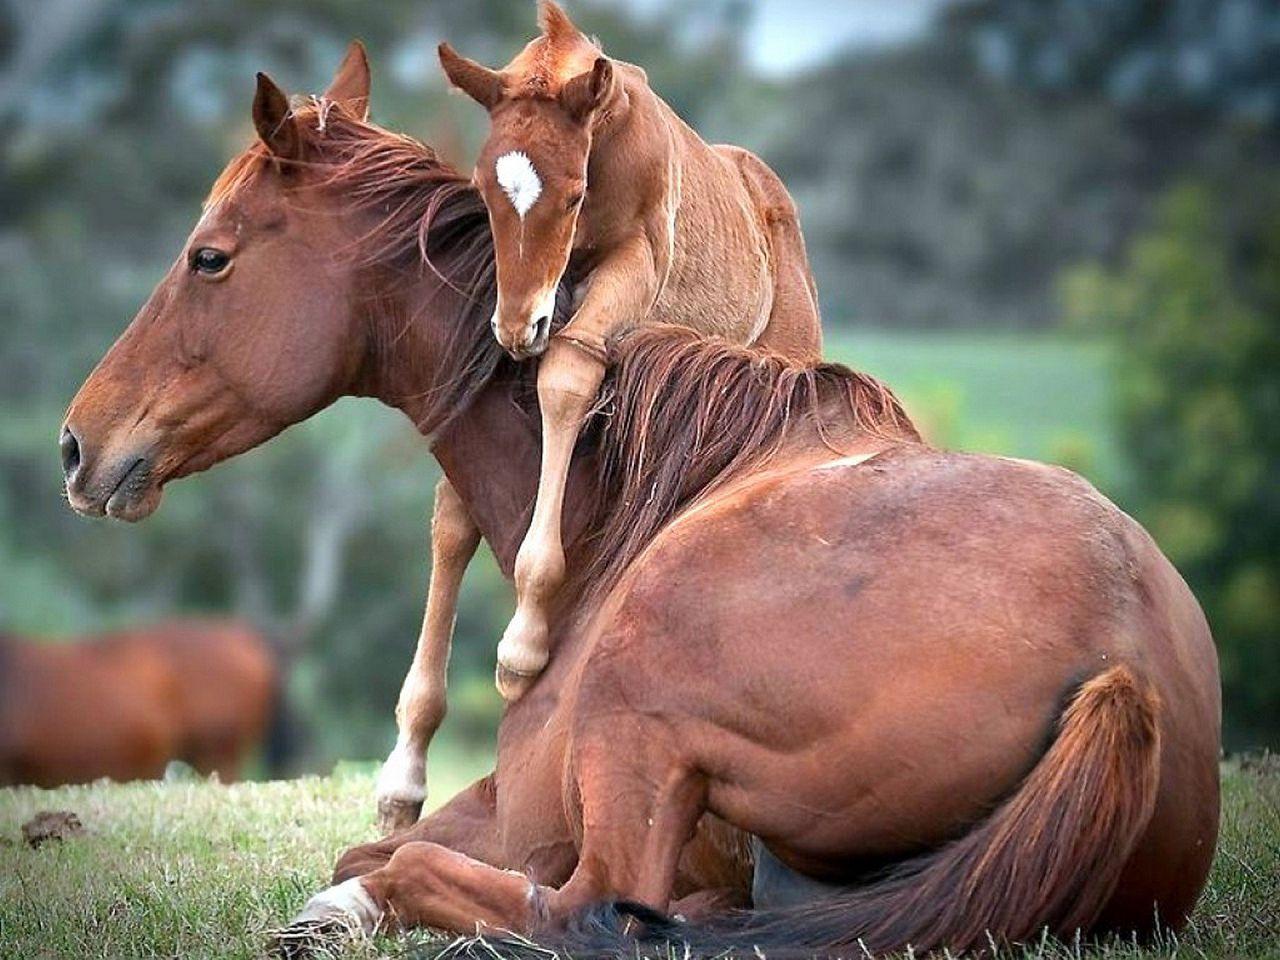 По мнению ветеринаров, жеребчики башкирских лошадей рождаются позднее кобылок